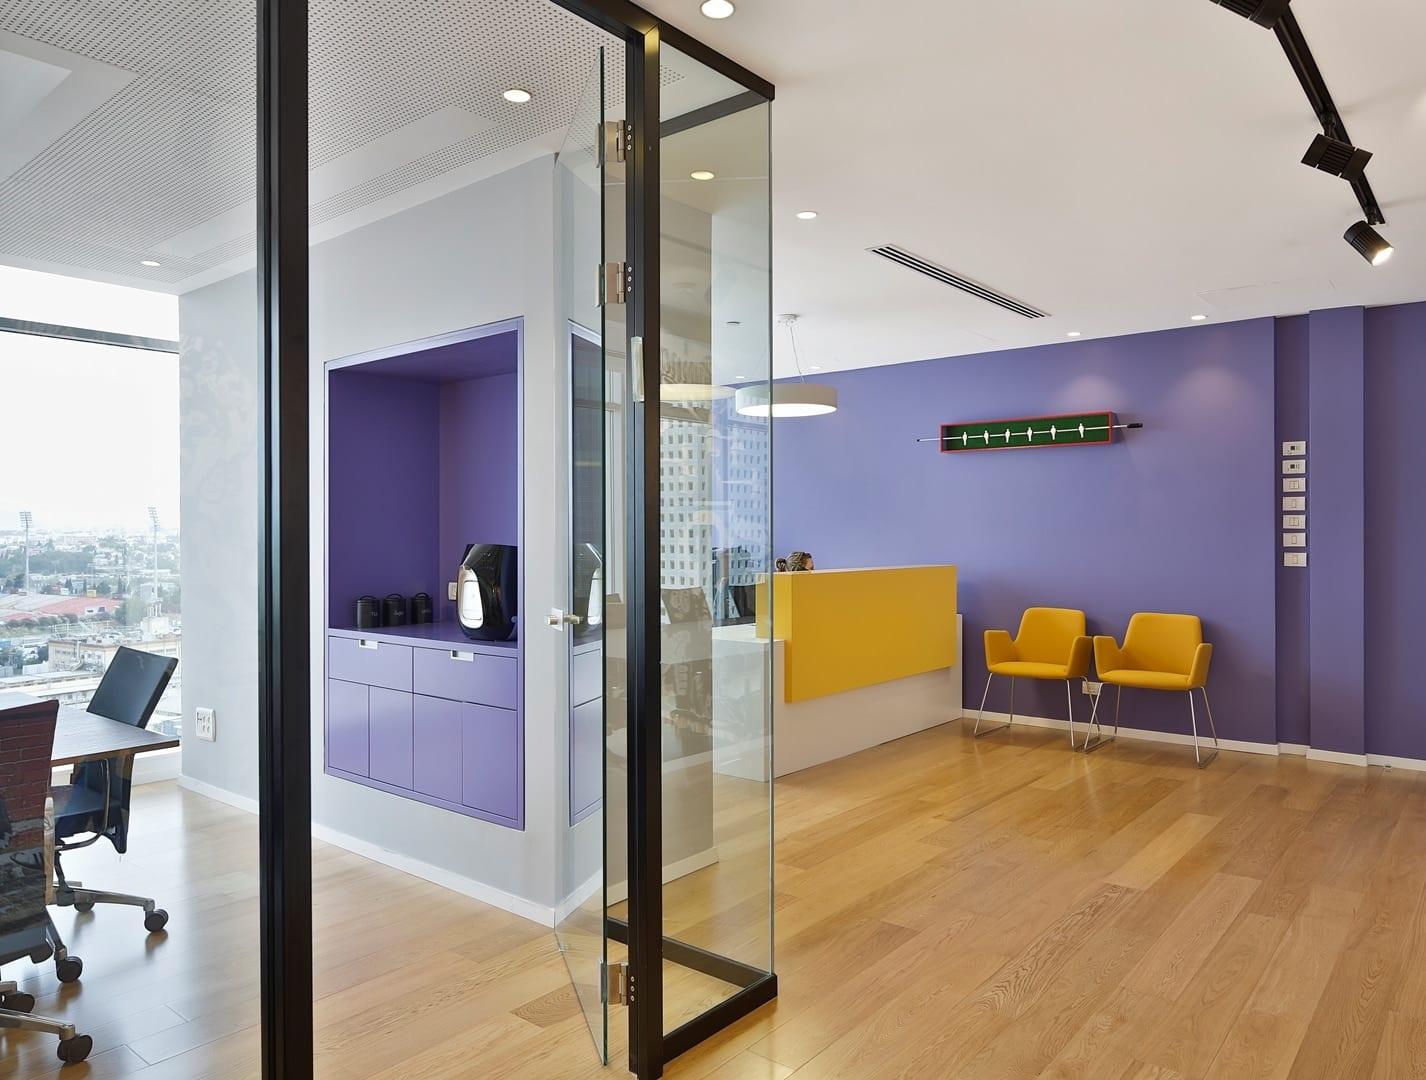 עיצוב משרד עורך דין שובל-יושע - חגי נגר אדריכלים